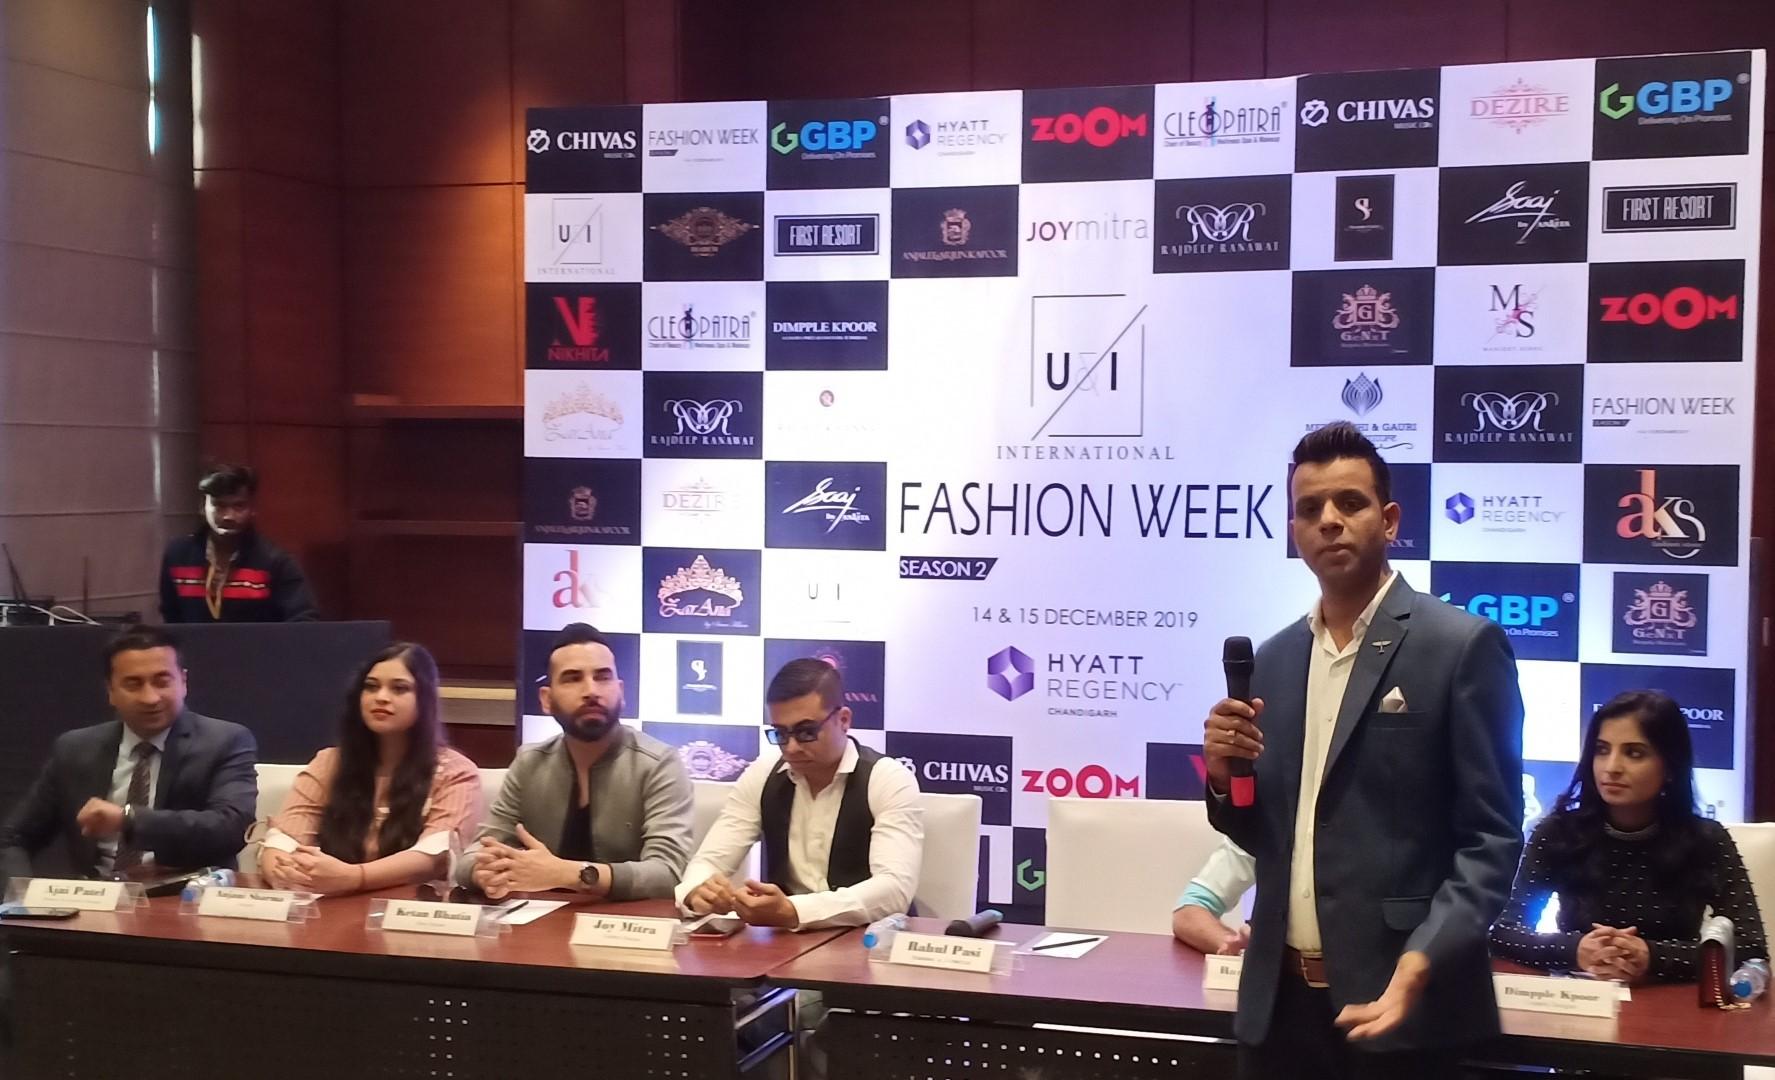 U&I International Fashion Week in Chandigarh on Dec 14-15